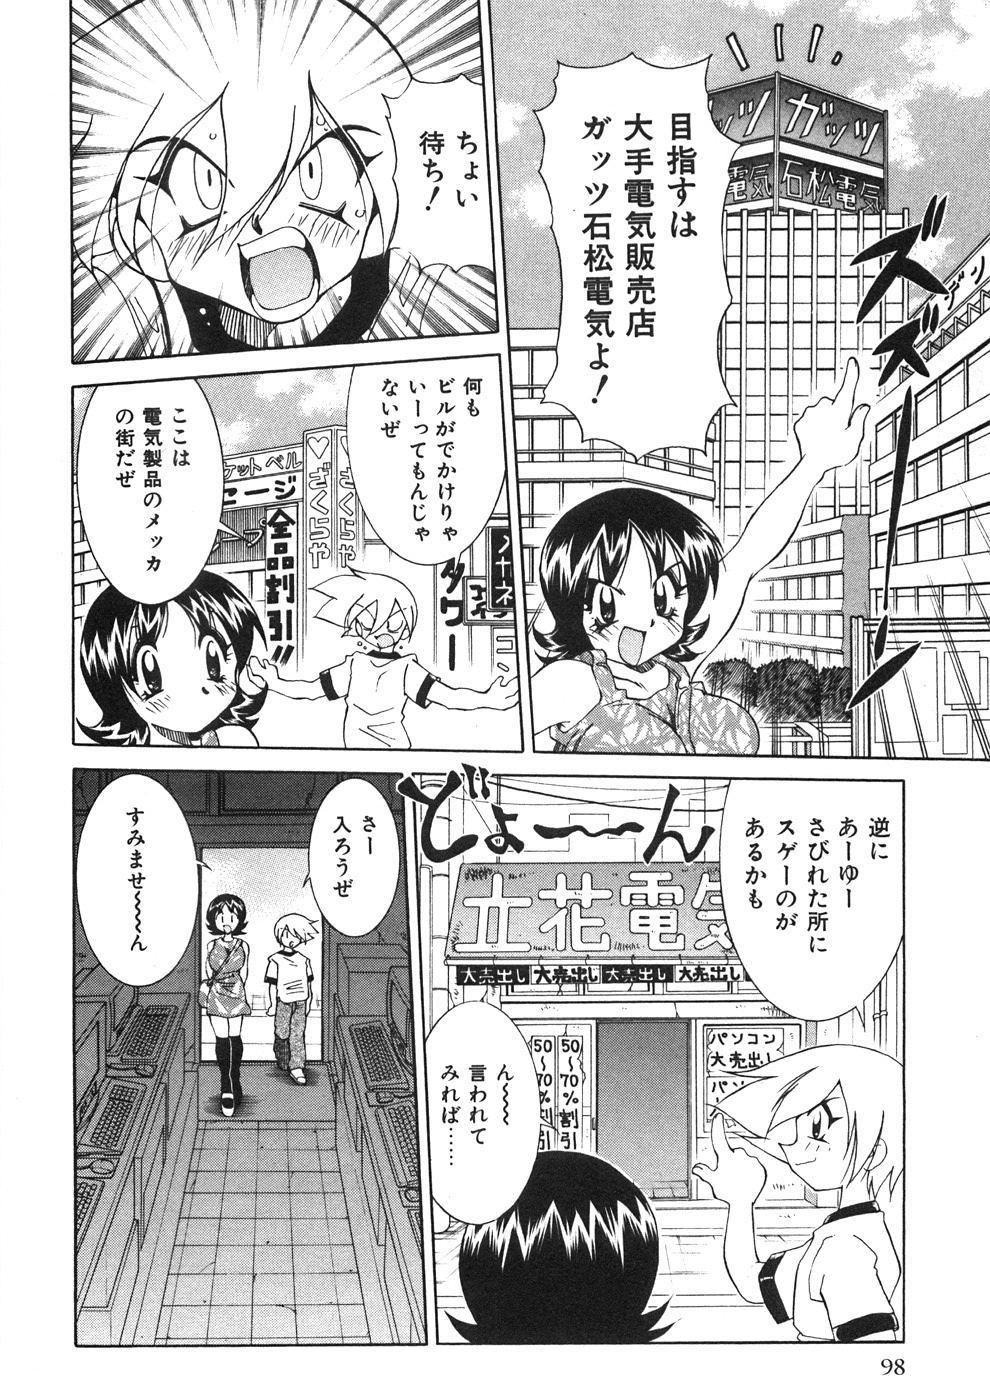 Chichichichi Banban 102